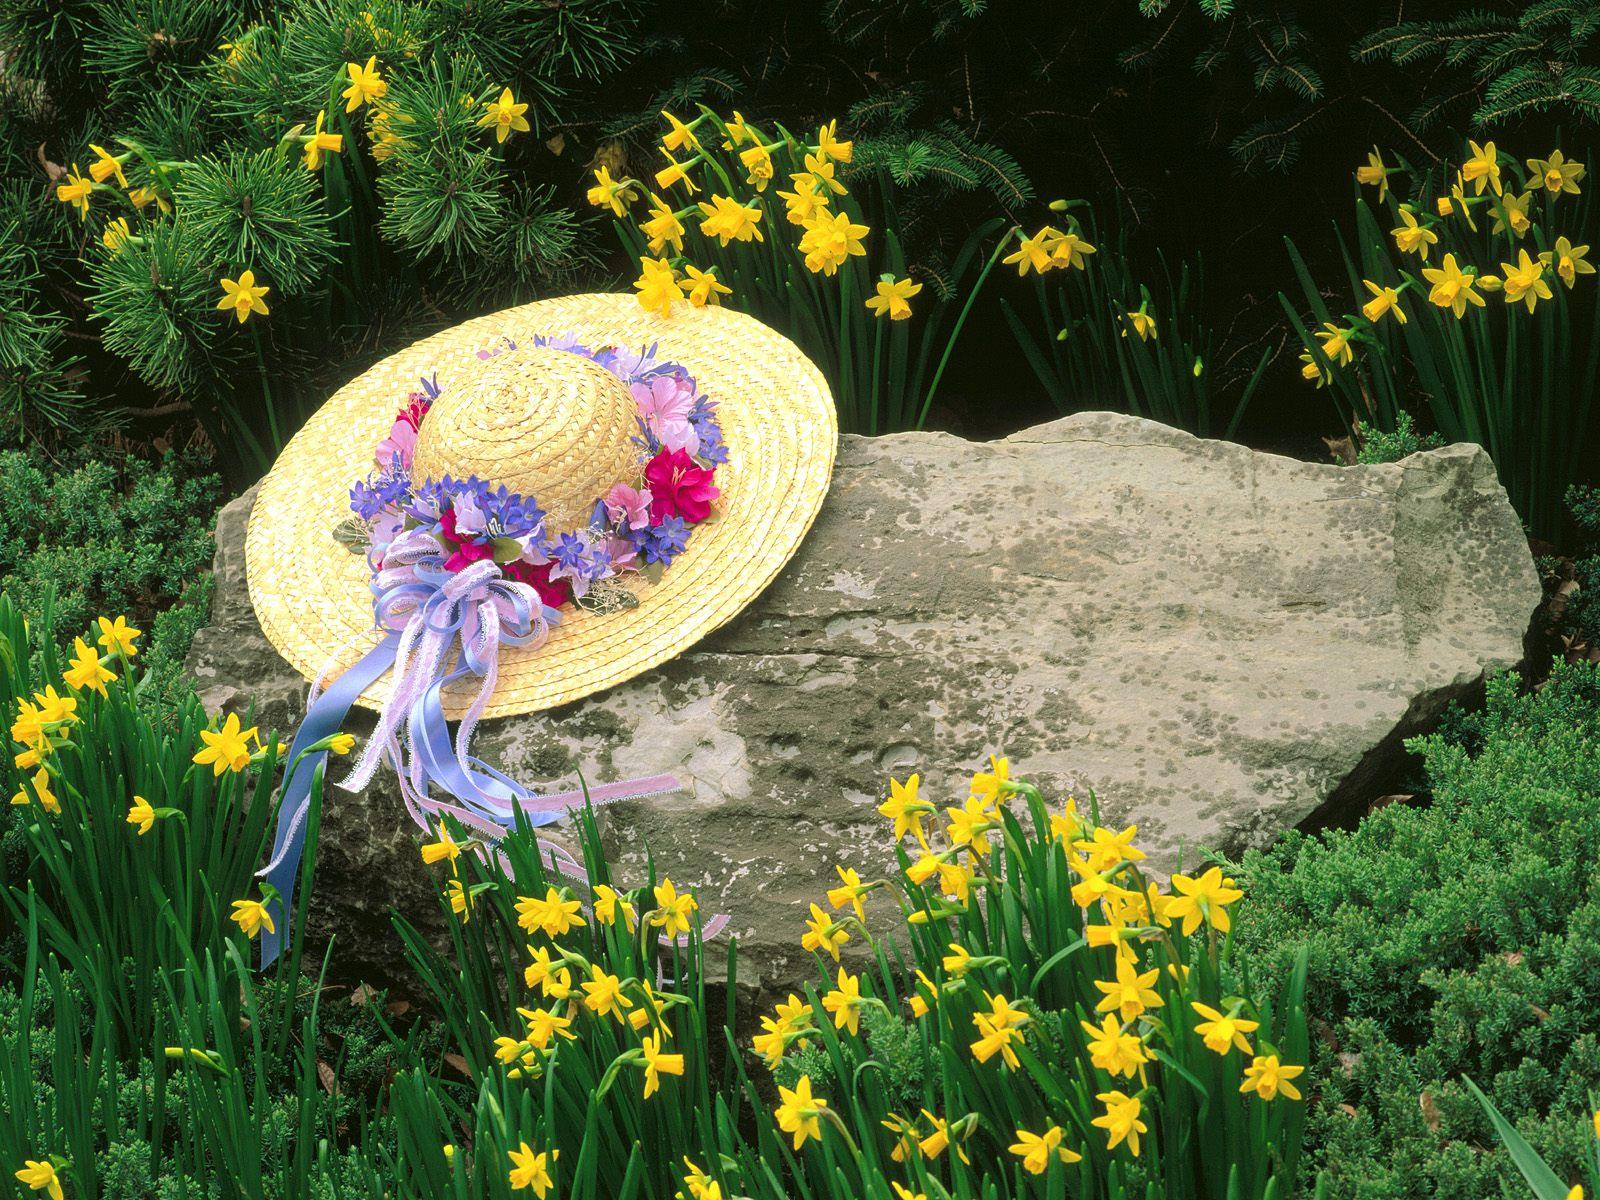 Among the Daffodils, Louisville, Kentucky